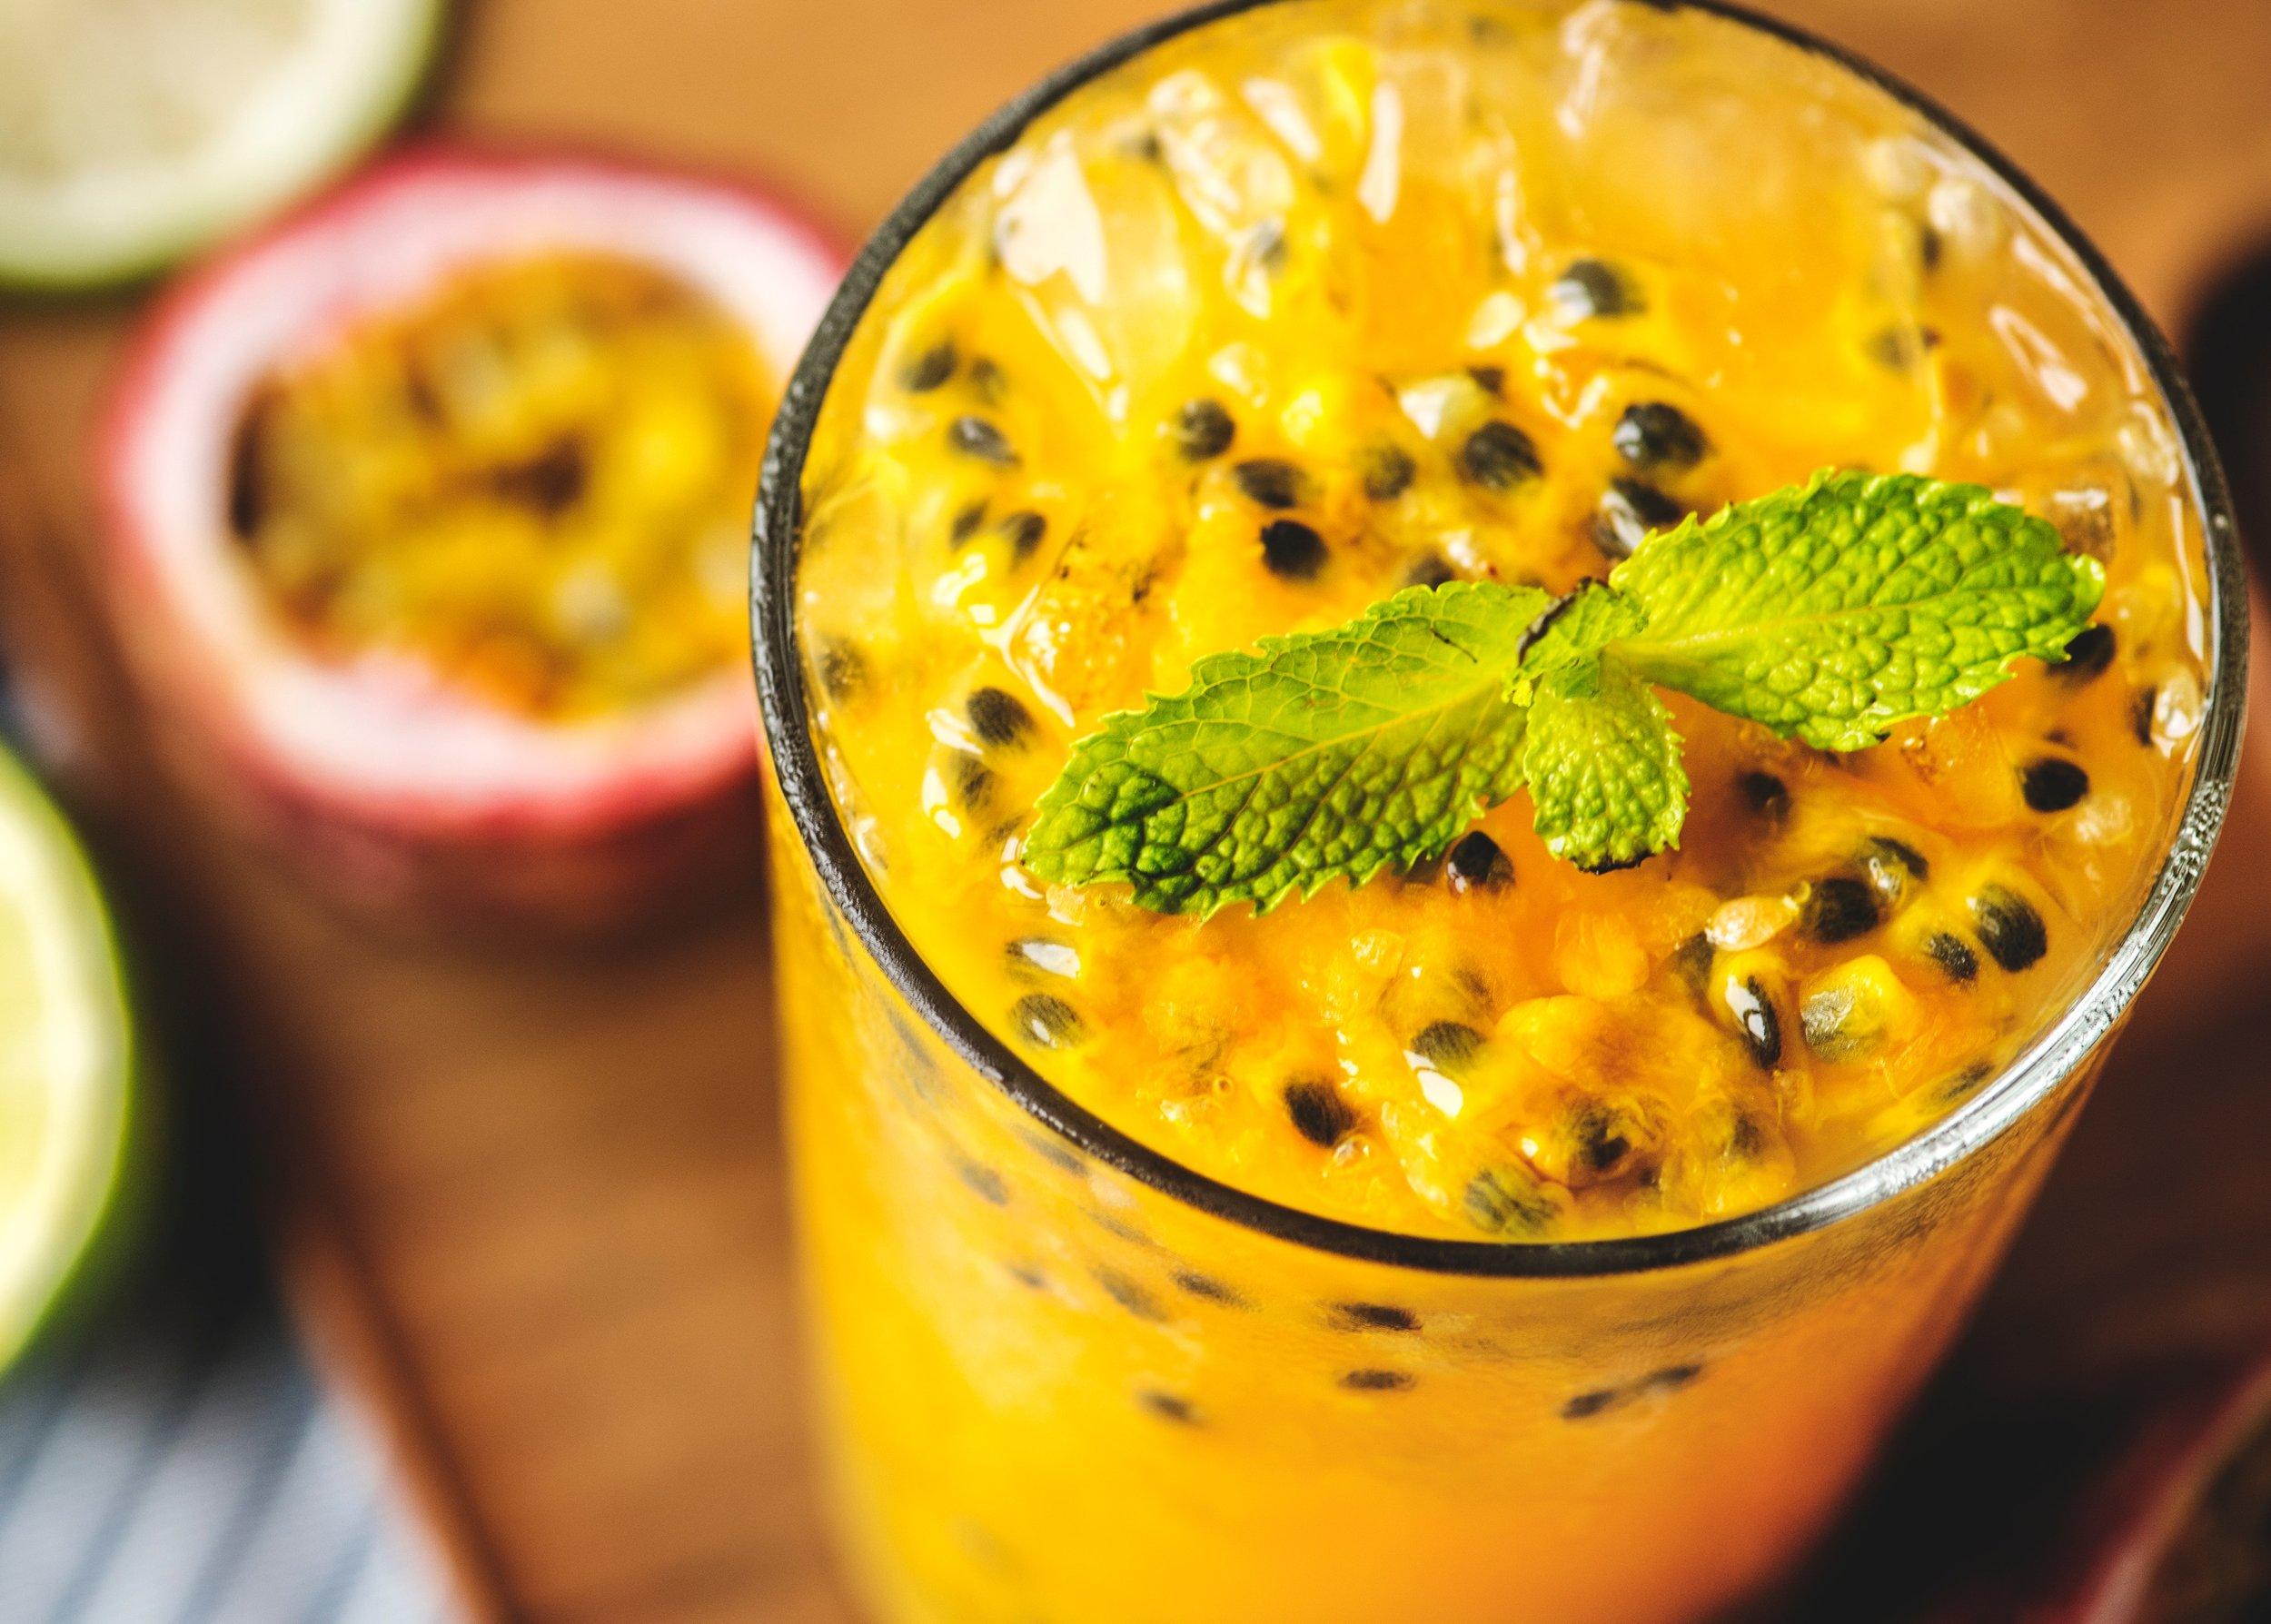 yellow-passionfruit.jpg